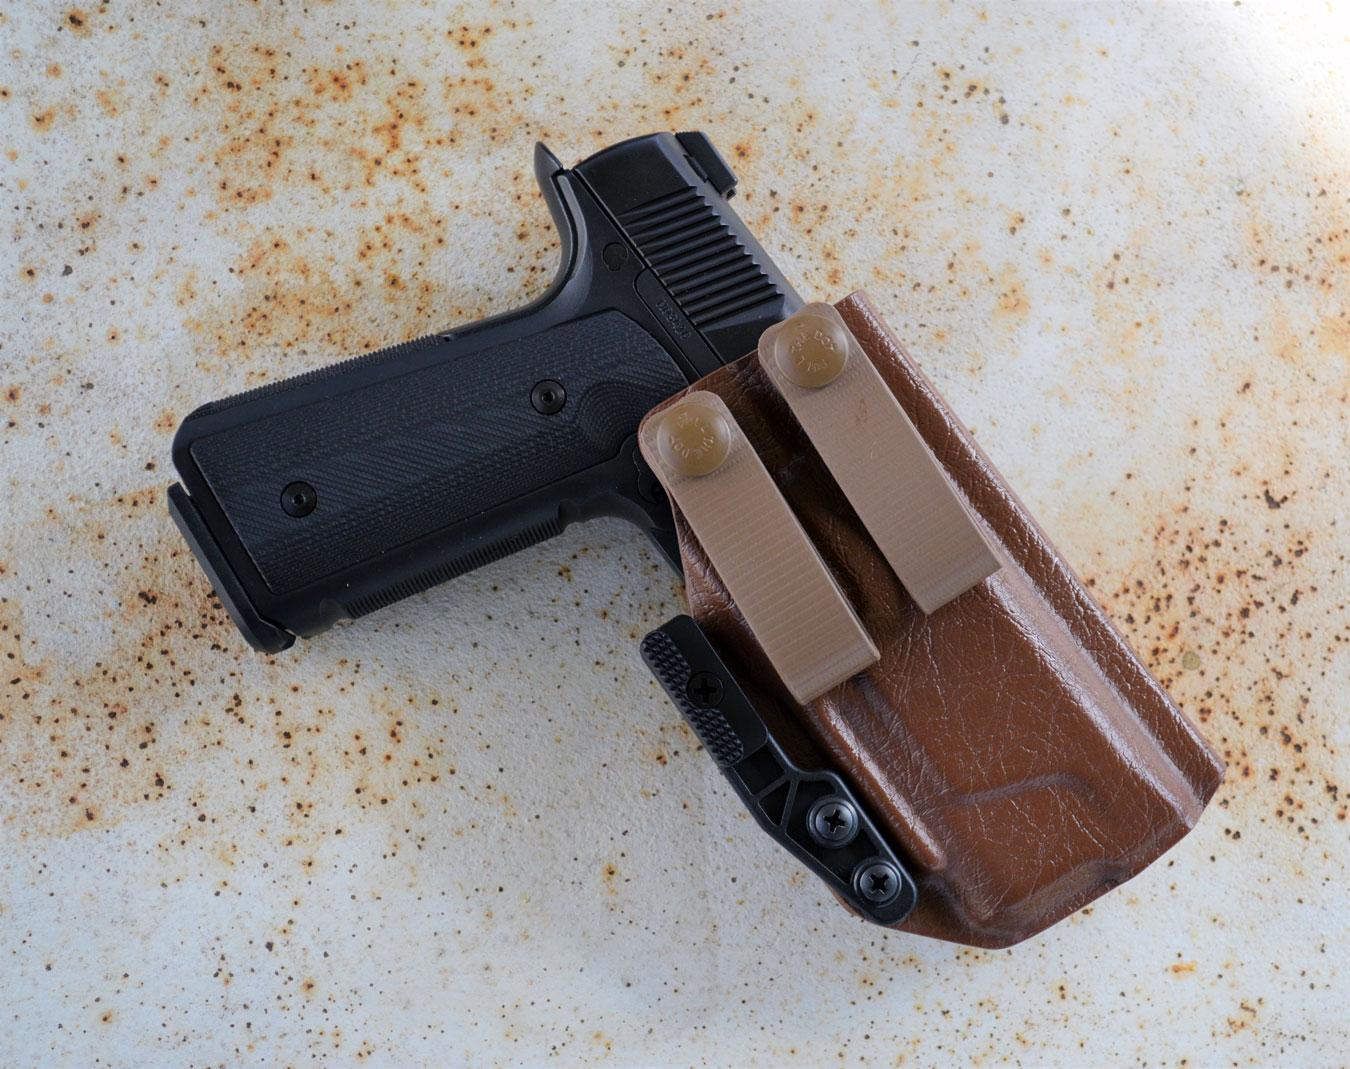 PHLSTER holster with Hudson H9 pistol